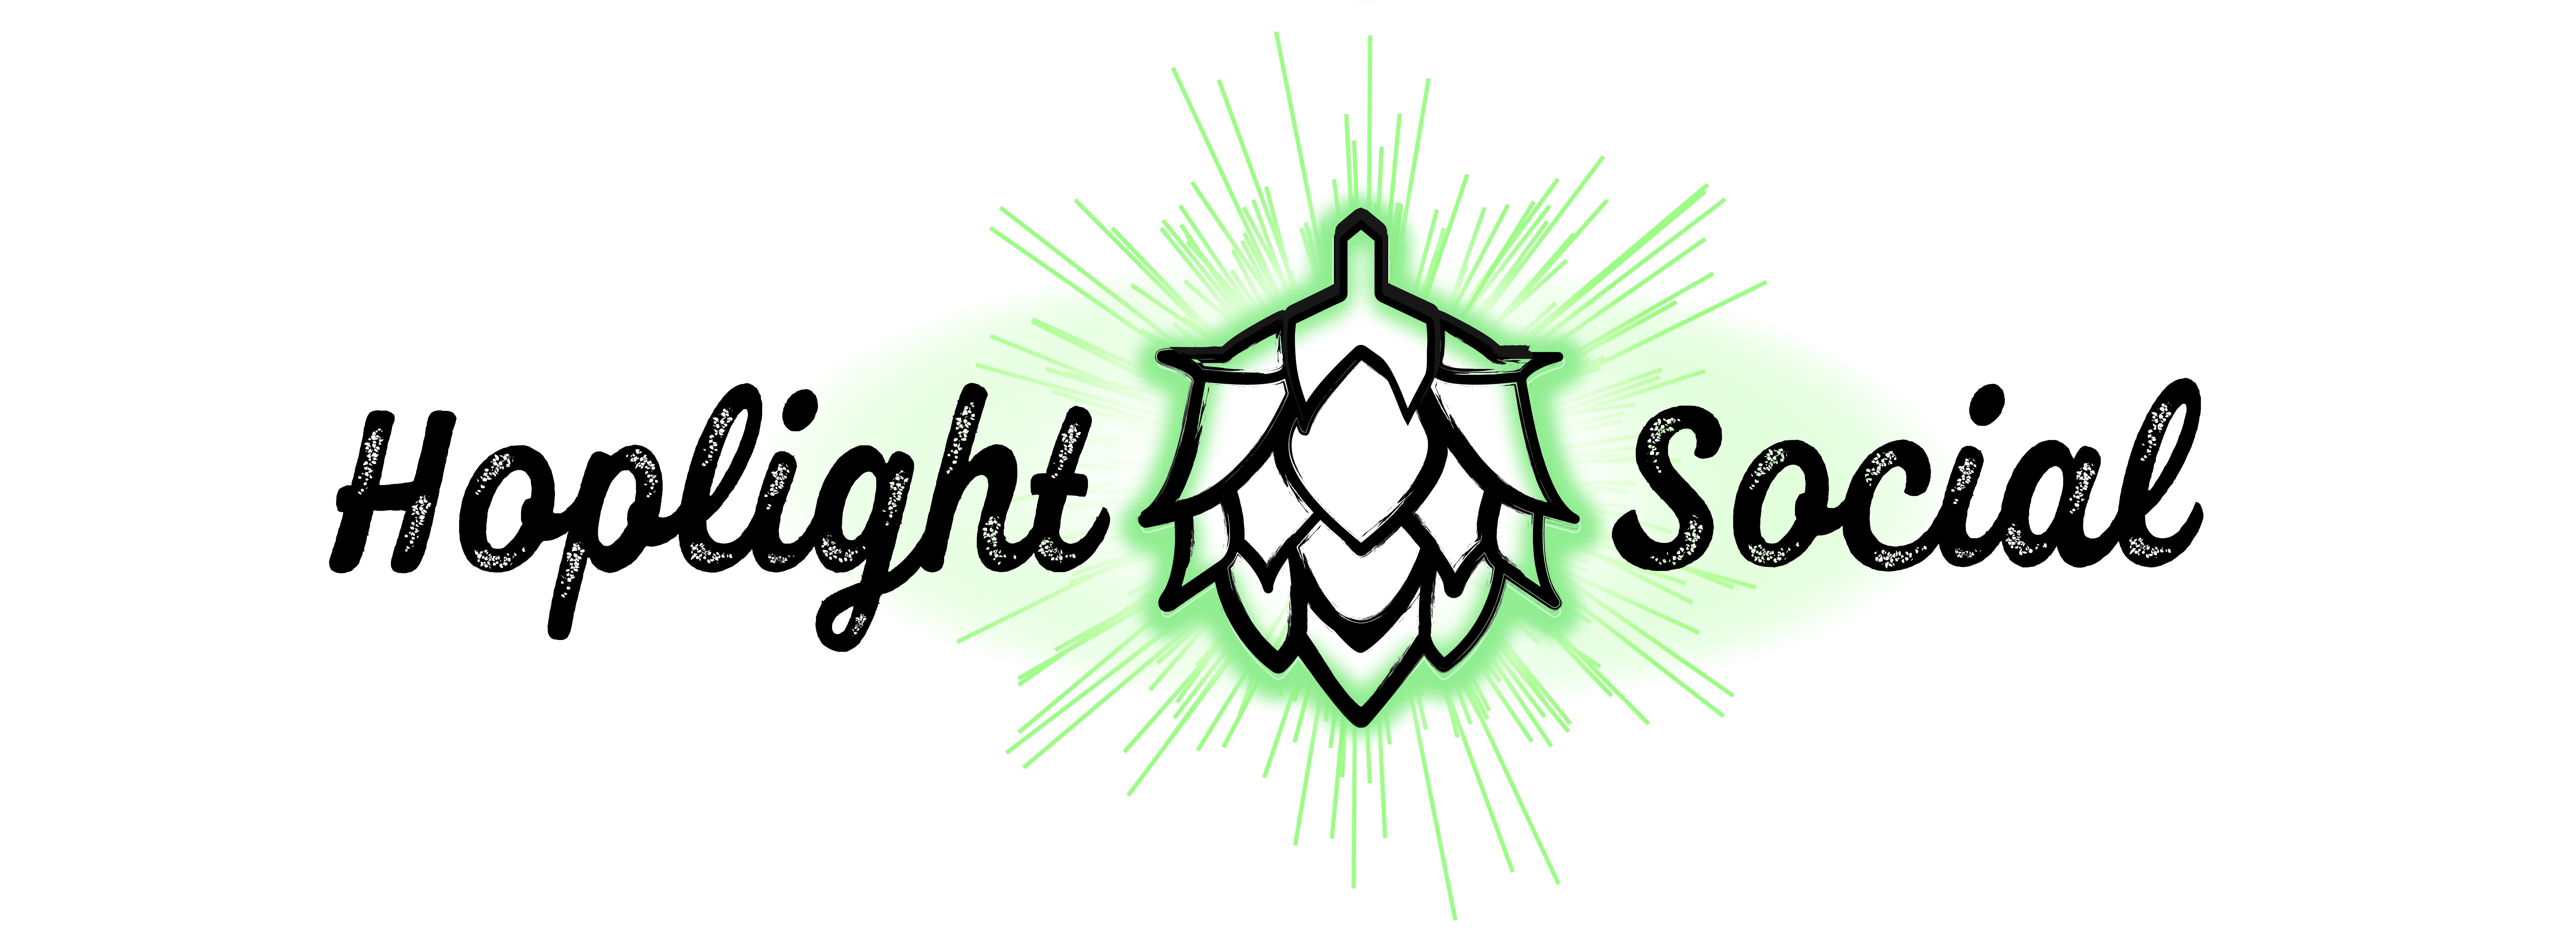 Hoplight Social